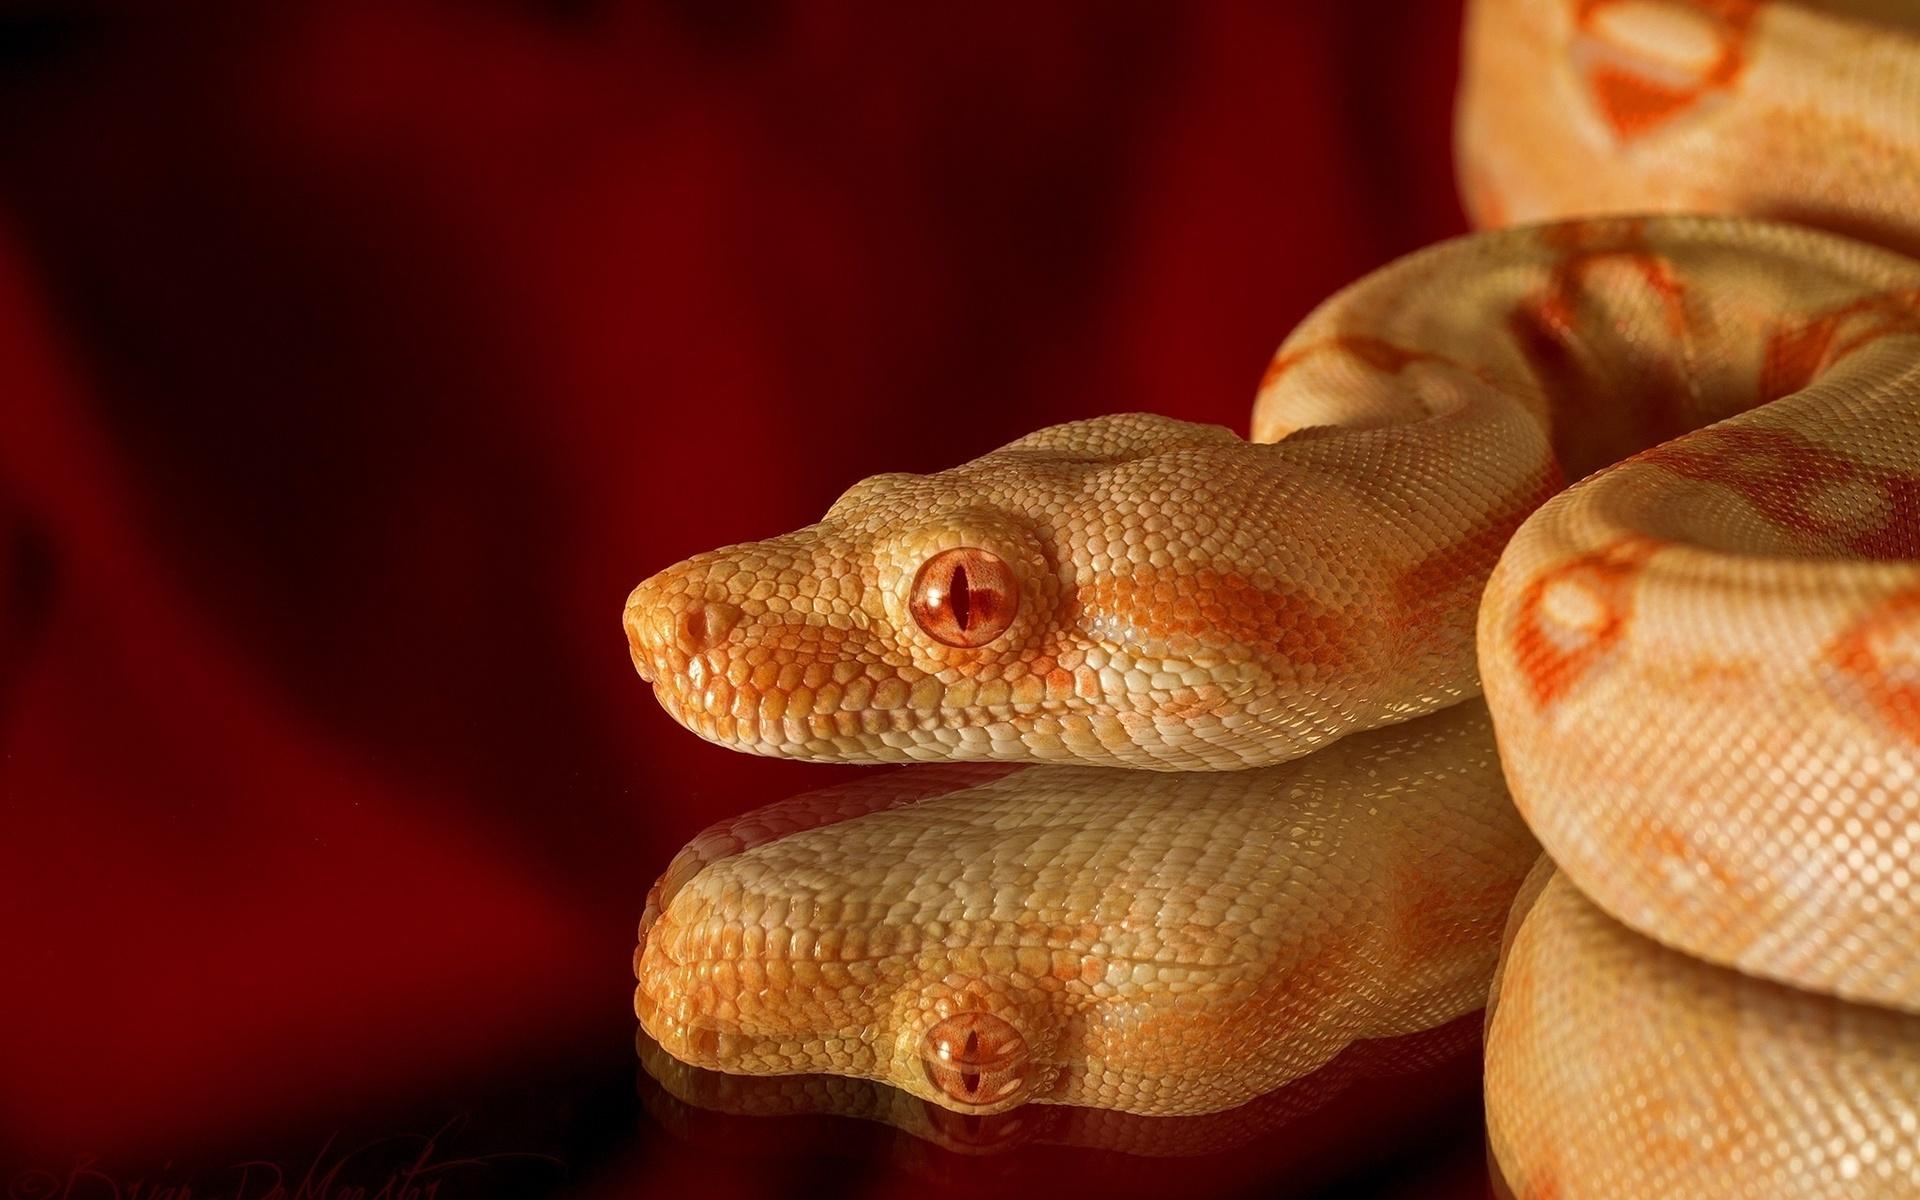 картинки змей с деньгами репертуаре